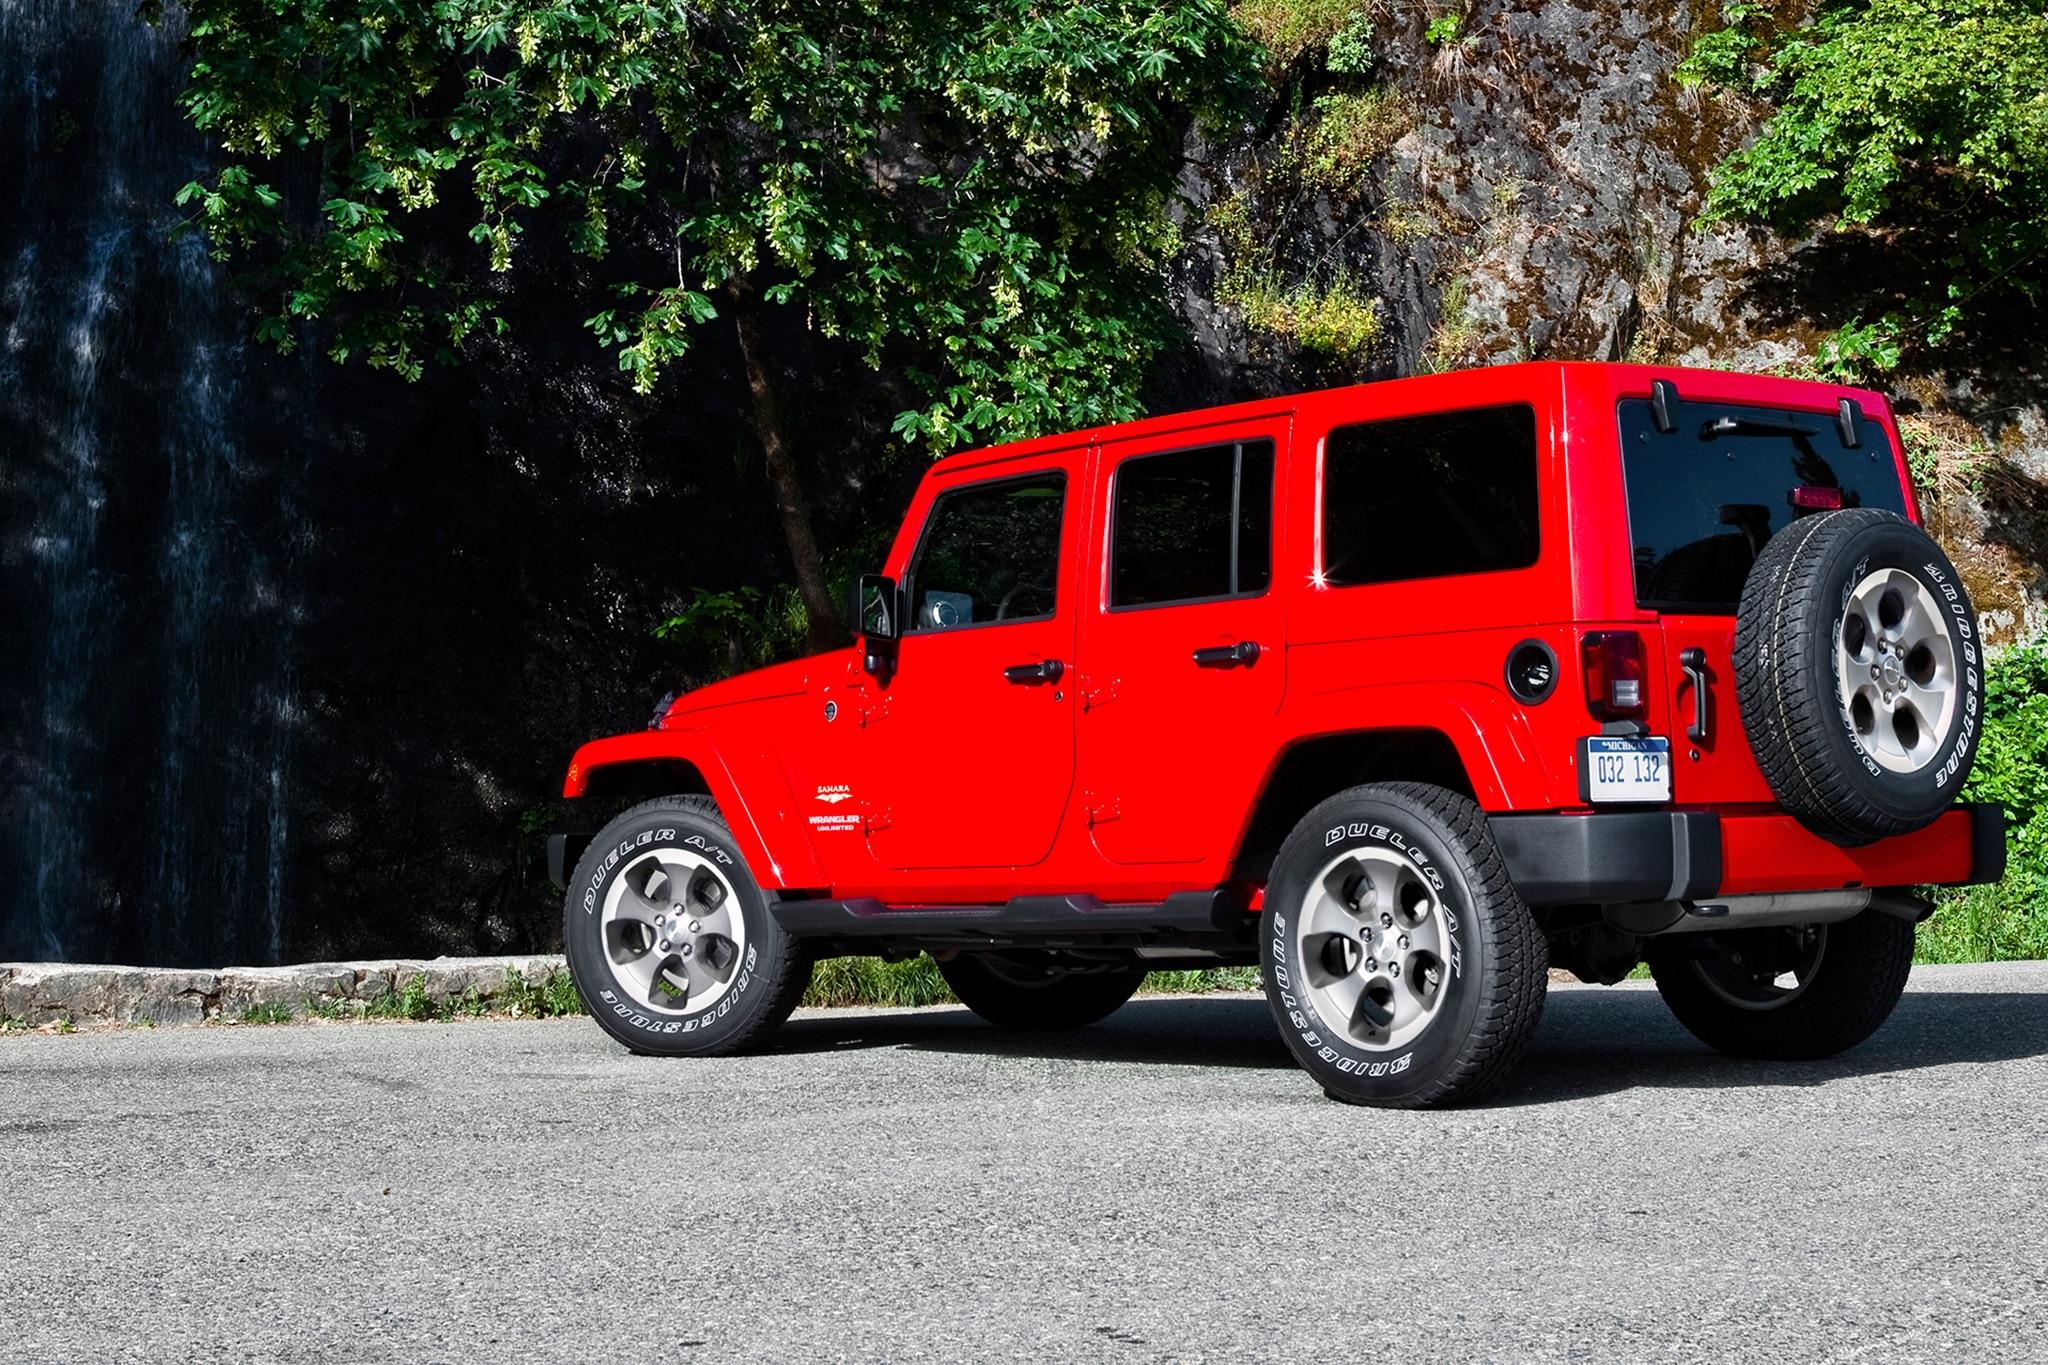 2018 jeep wrangler unlimited revealed in leaked cad. Black Bedroom Furniture Sets. Home Design Ideas